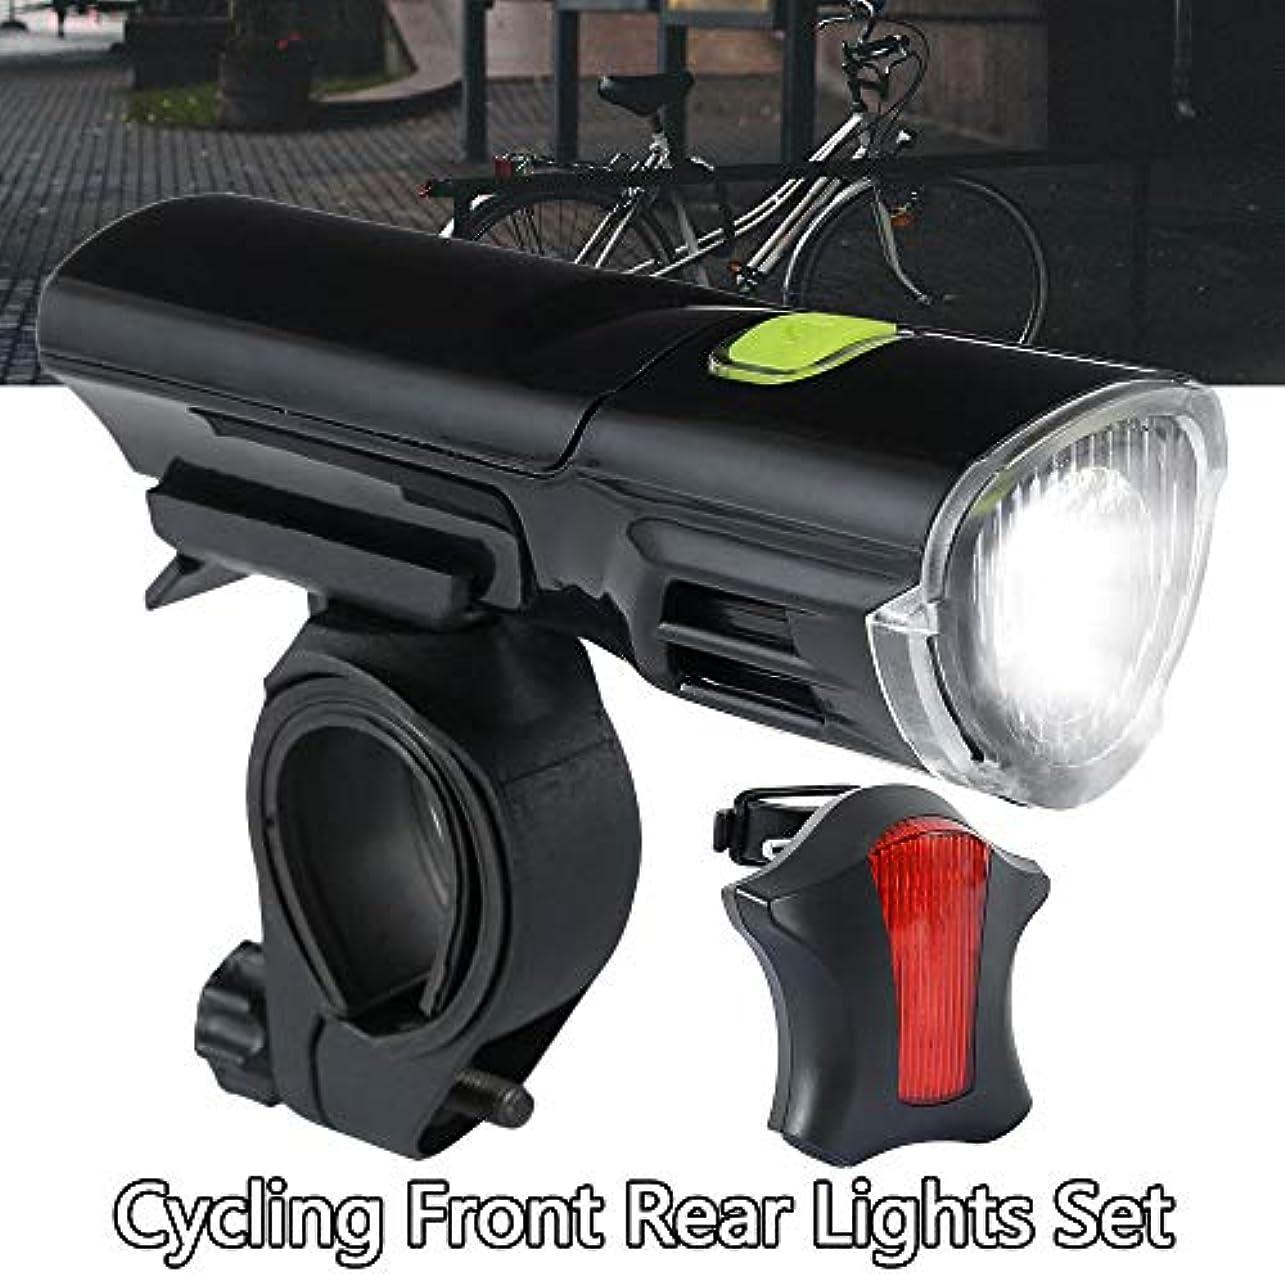 木曜日血統め言葉Culturaltu 自転車ライト led ヘッドライト テールライト セット 3モード点灯 防水 自転車 ライト 高輝度 防振 明るい ポーツ アウトドア 自転車 サイクリング 用 ライト 防災 夜間乗り キャンプ ウォーキングドッグに最適